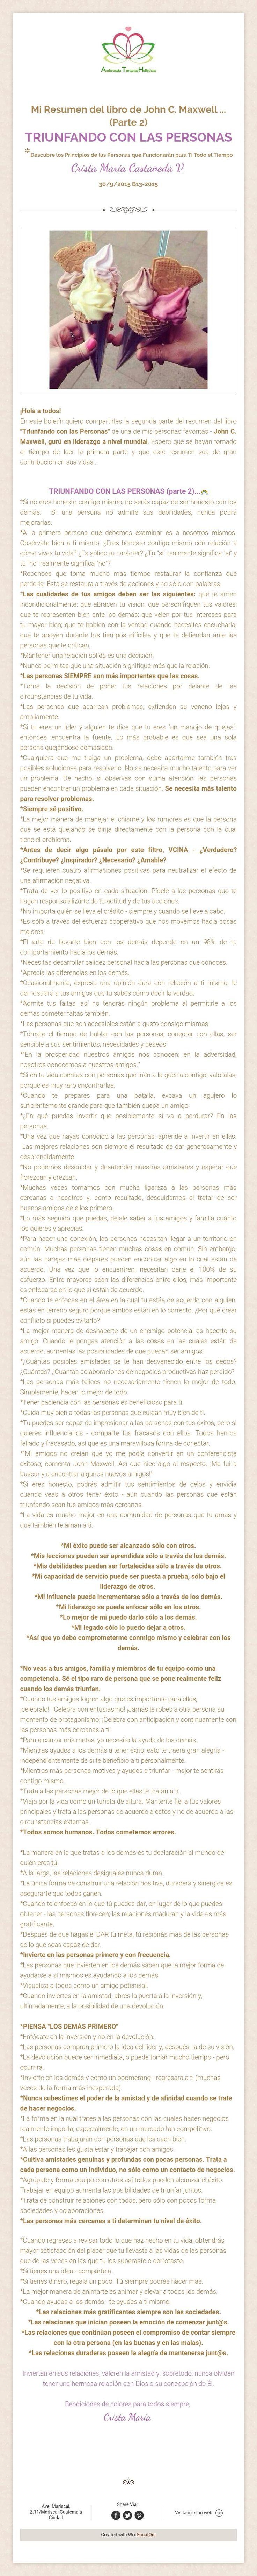 Mi Resumen del libro de John C. Maxwell ...(Parte 2)TRIUNFANDO CON LAS PERSONAS*Descubre los Principios de las Personas que Funcionarán para Ti Todo el TiempoCrista María Castañeda V. 30/9/2015 B13-2015